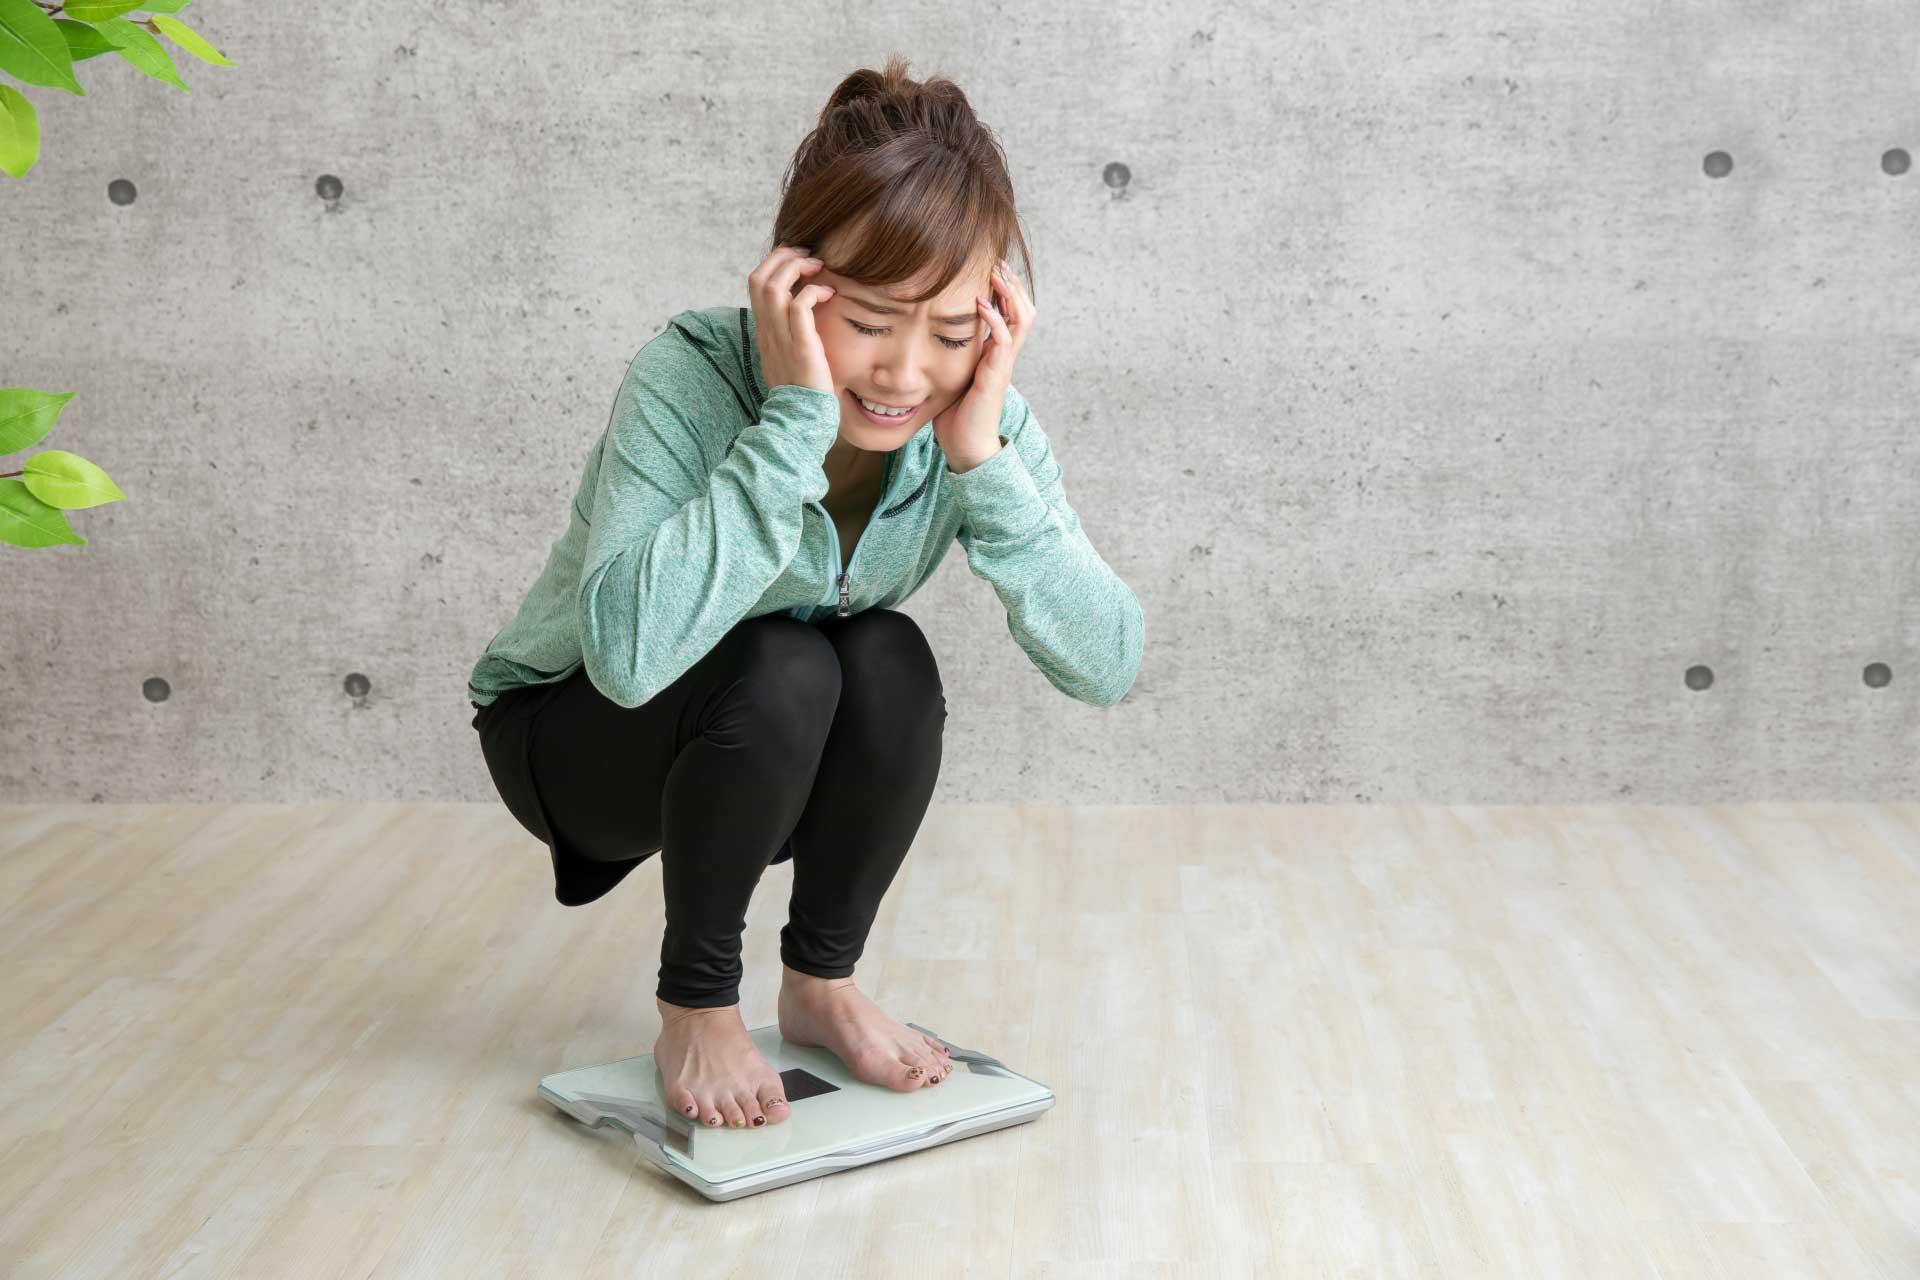 実は危険な体重増加… 新型コロナウイルスの影響はさらに広がる(写真はイメージ)【写真:写真AC】